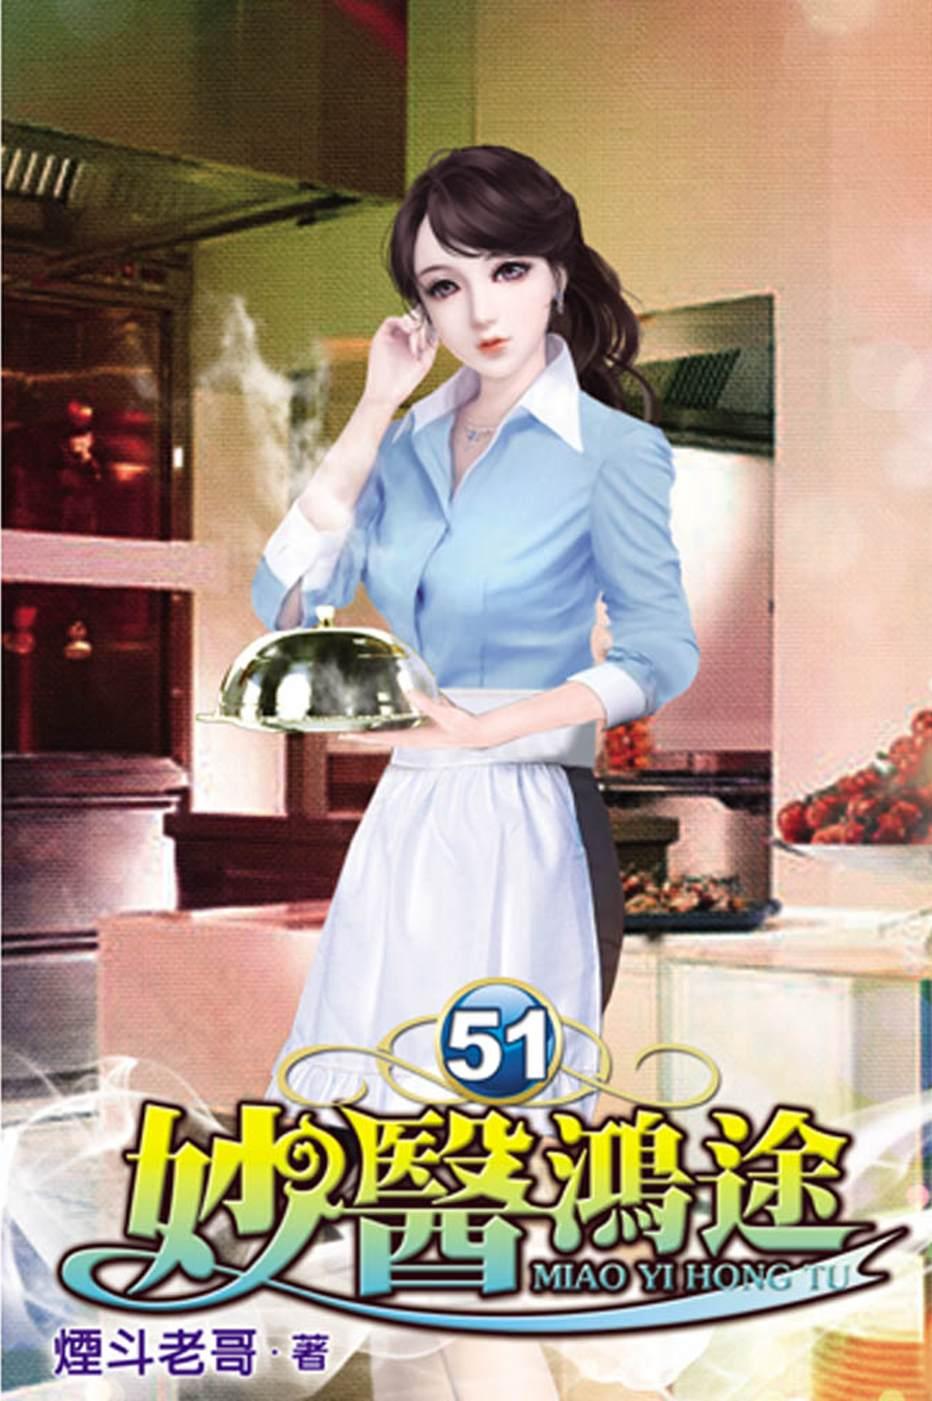 妙醫鴻途51